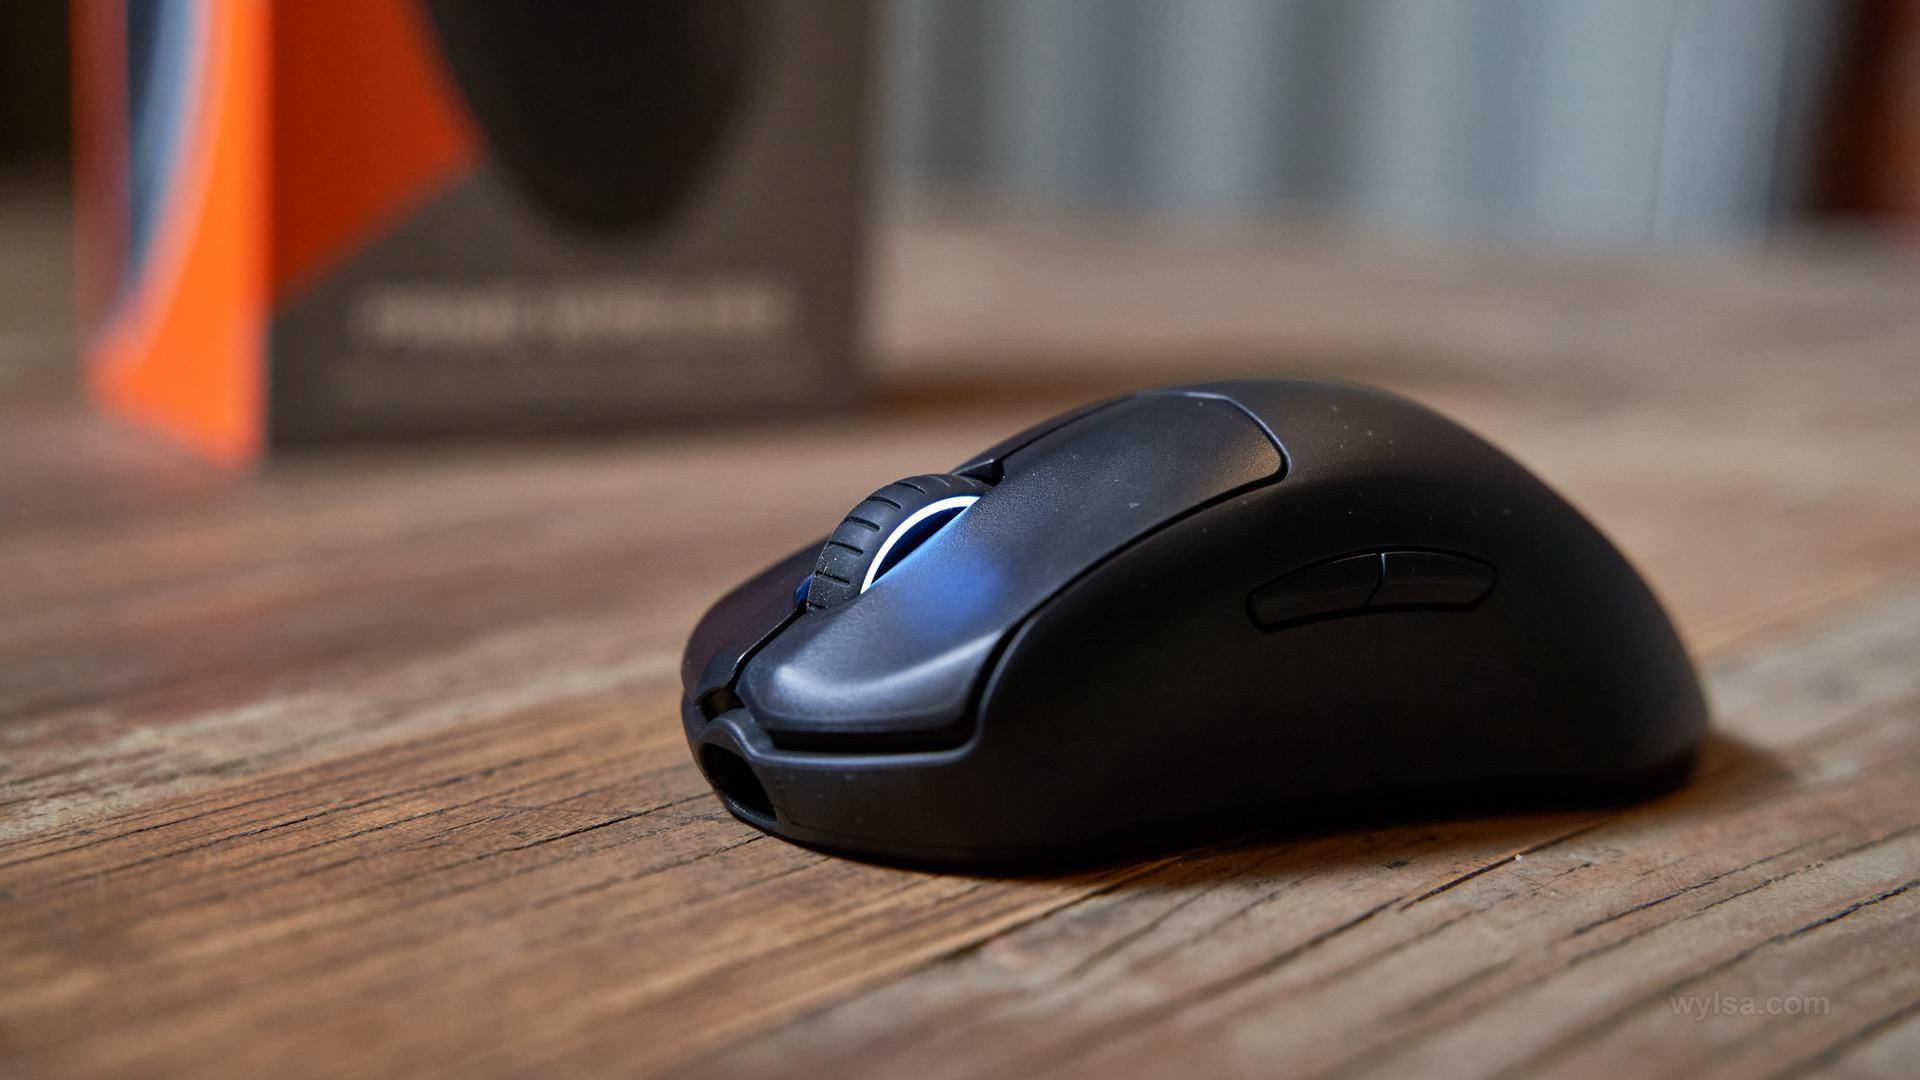 Обзор SteelSeries Prime Wireless: быстрая беспроводная мышь